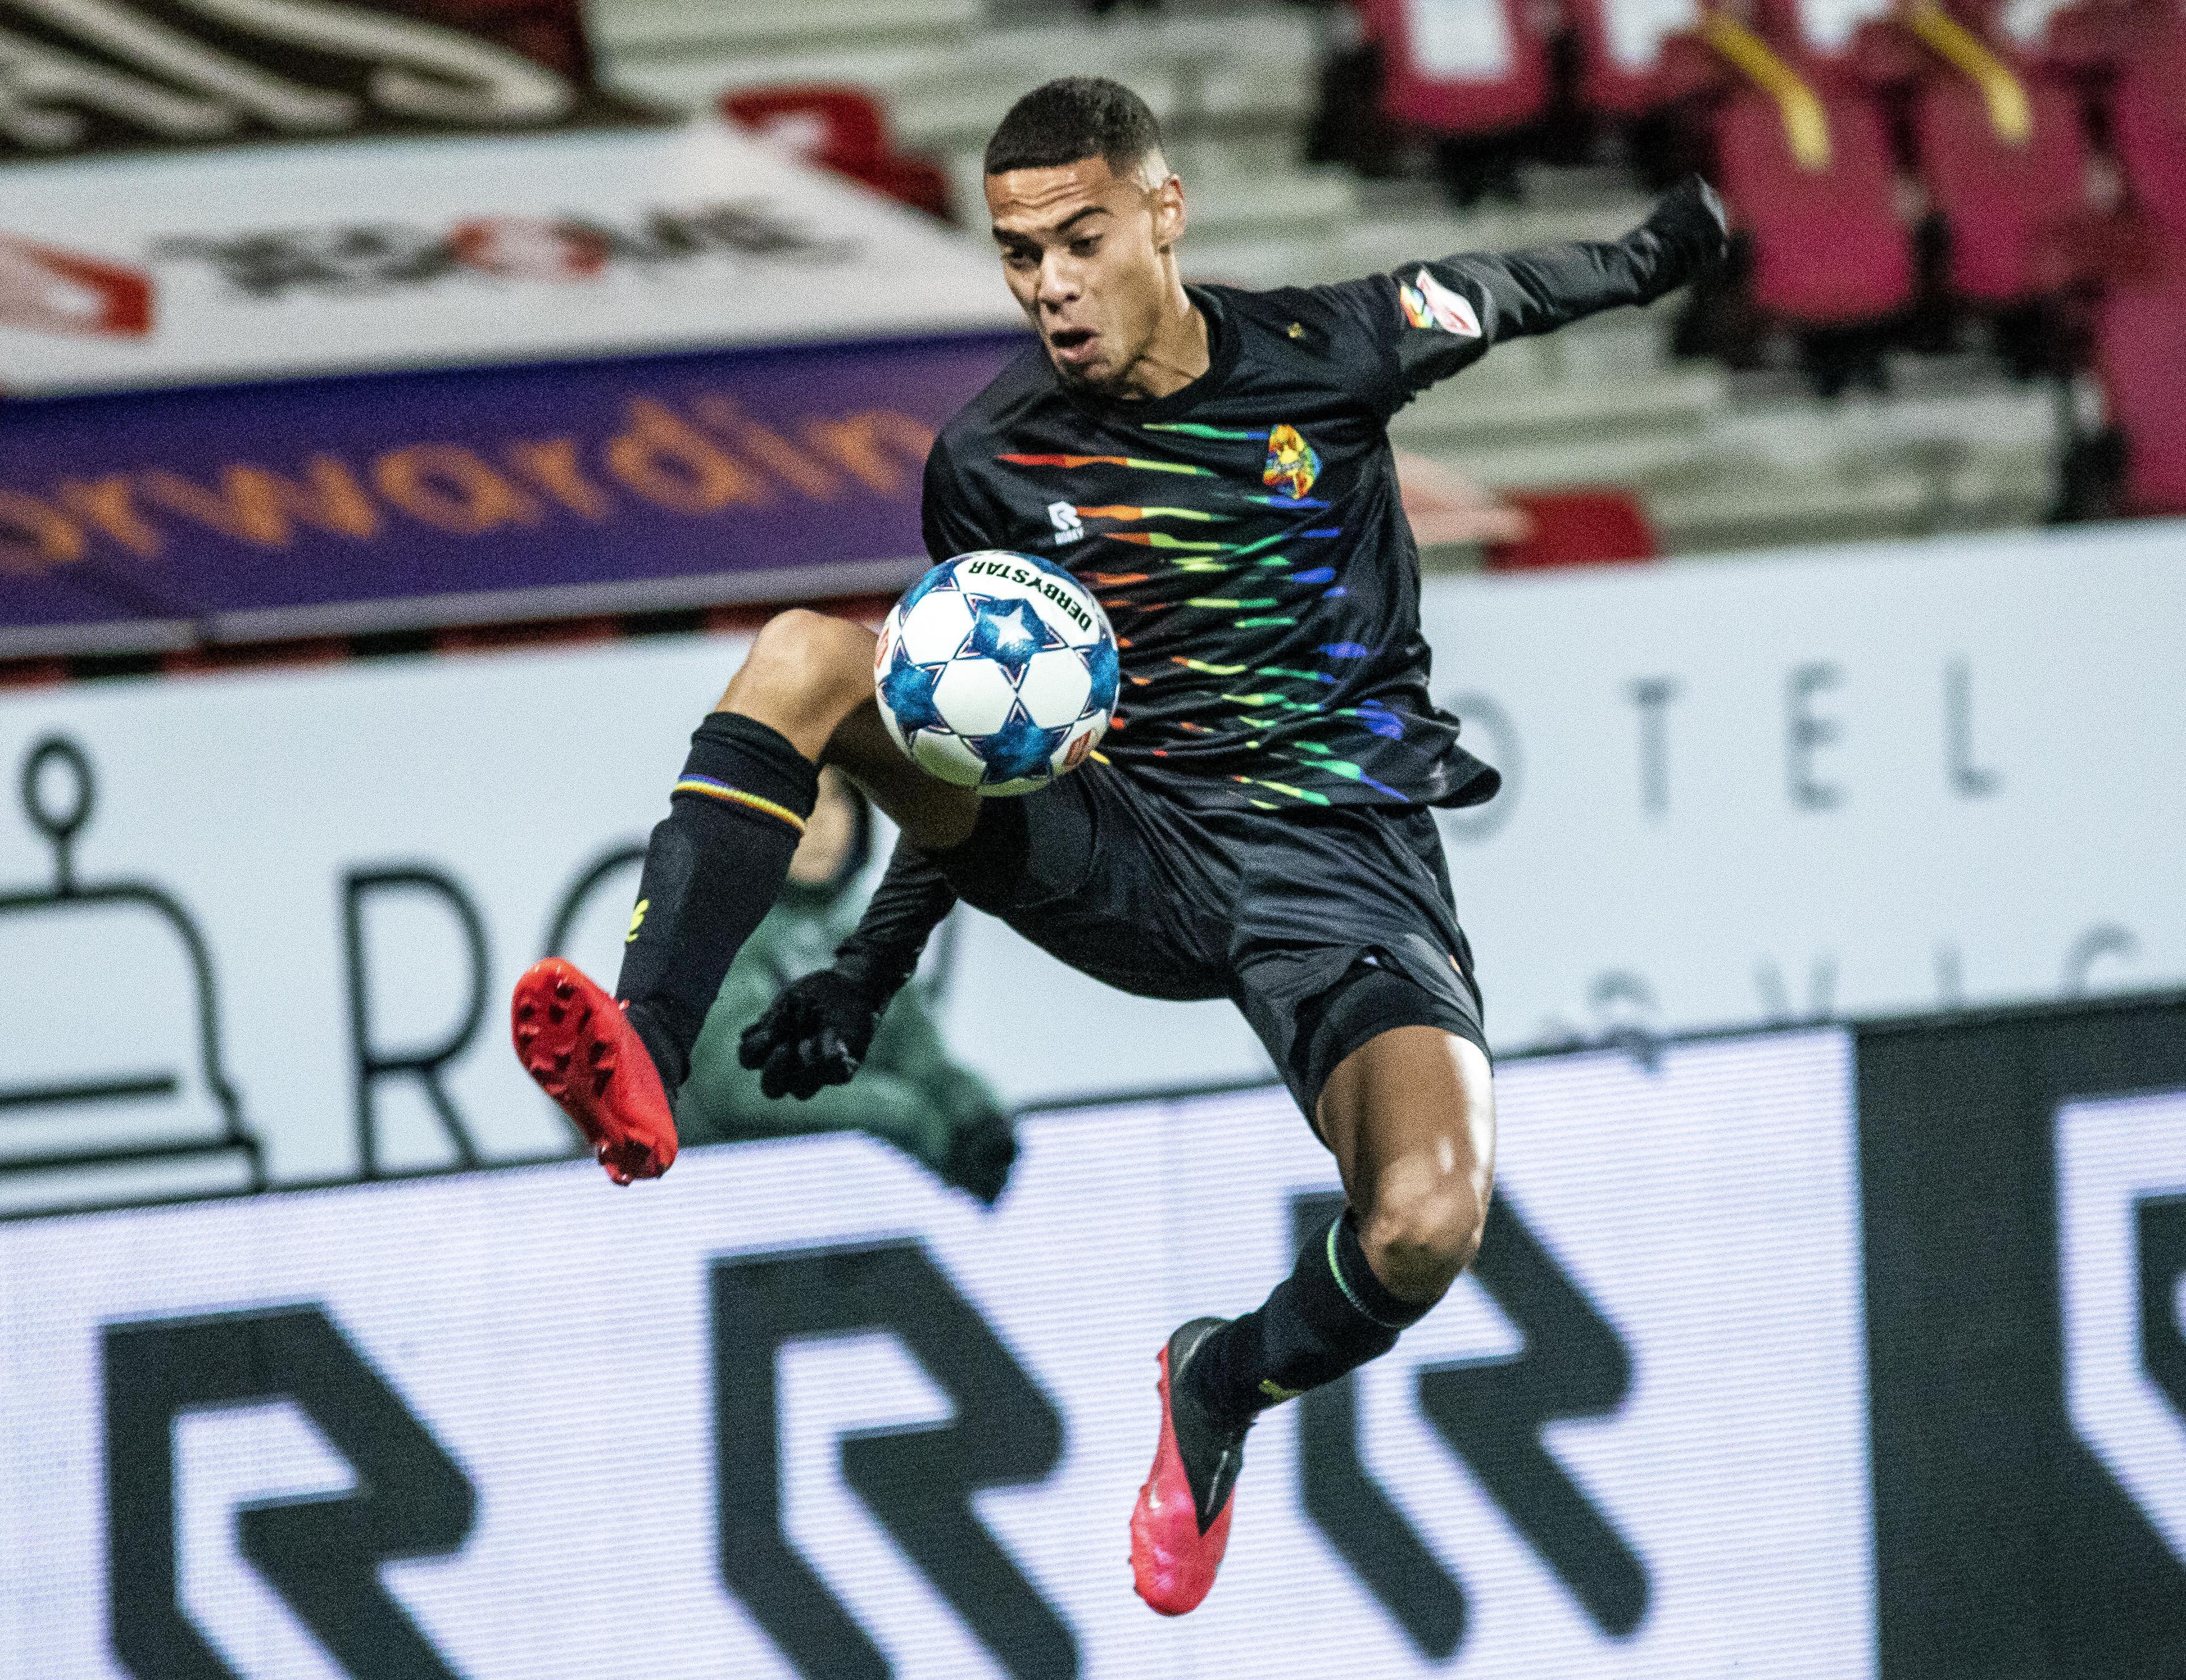 Jonge spelers laten zich zien bij door corona geteisterd Telstar tegen Almere: 'Als je 19 bent en zo speelt, dan vind ik dat geweldig' [video]